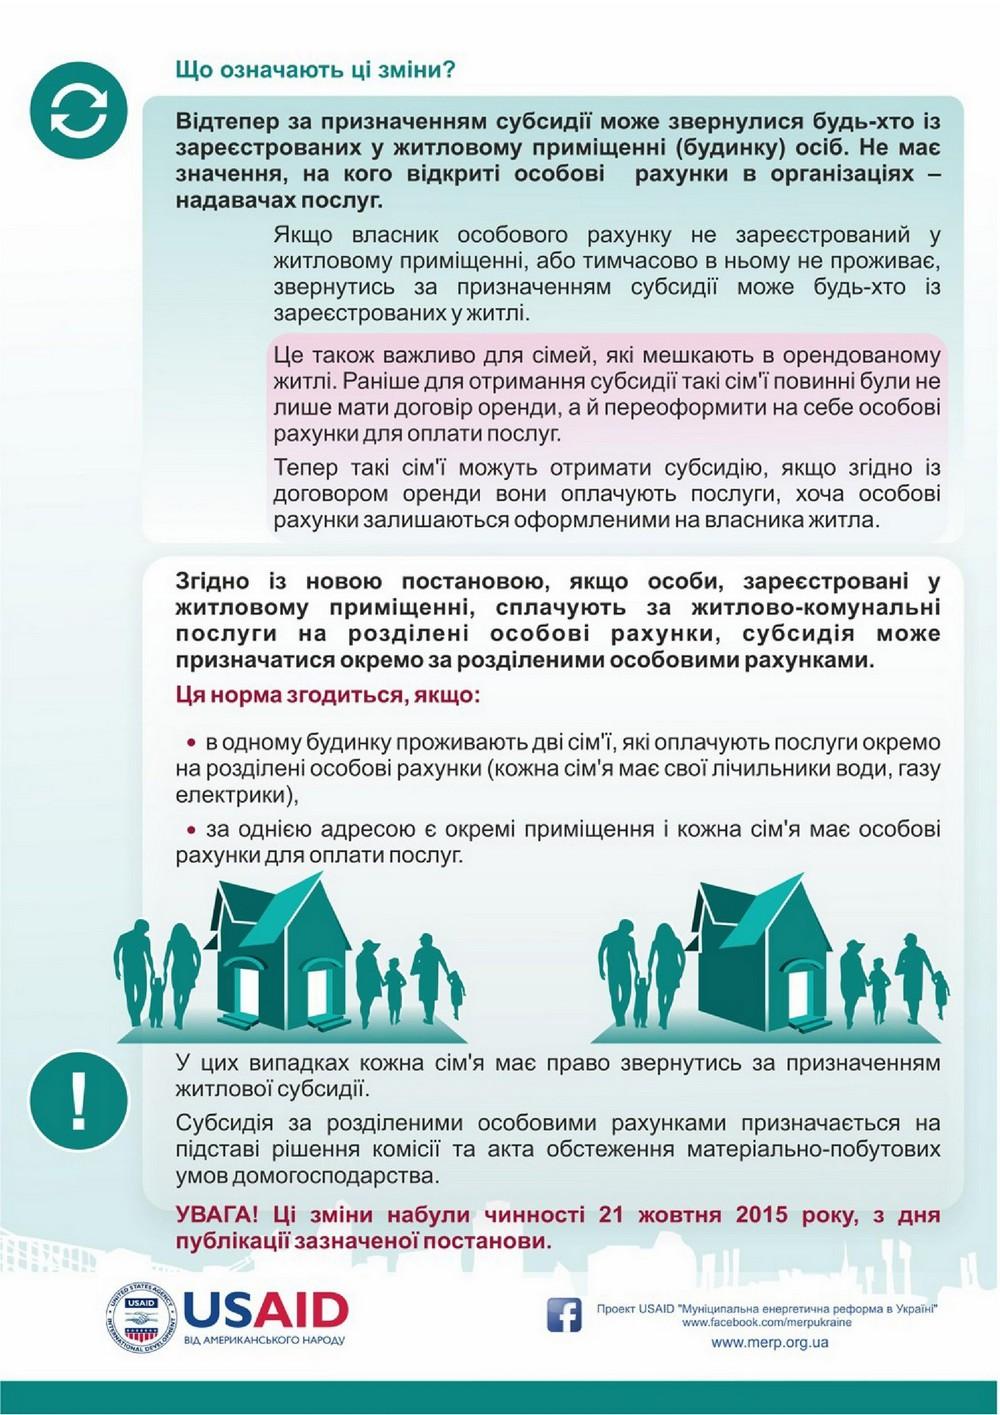 """Нові можливості в умовах призначення субсидій 2 (Інформацію взято із сайту """"Інститут місцевого розвитку"""")"""